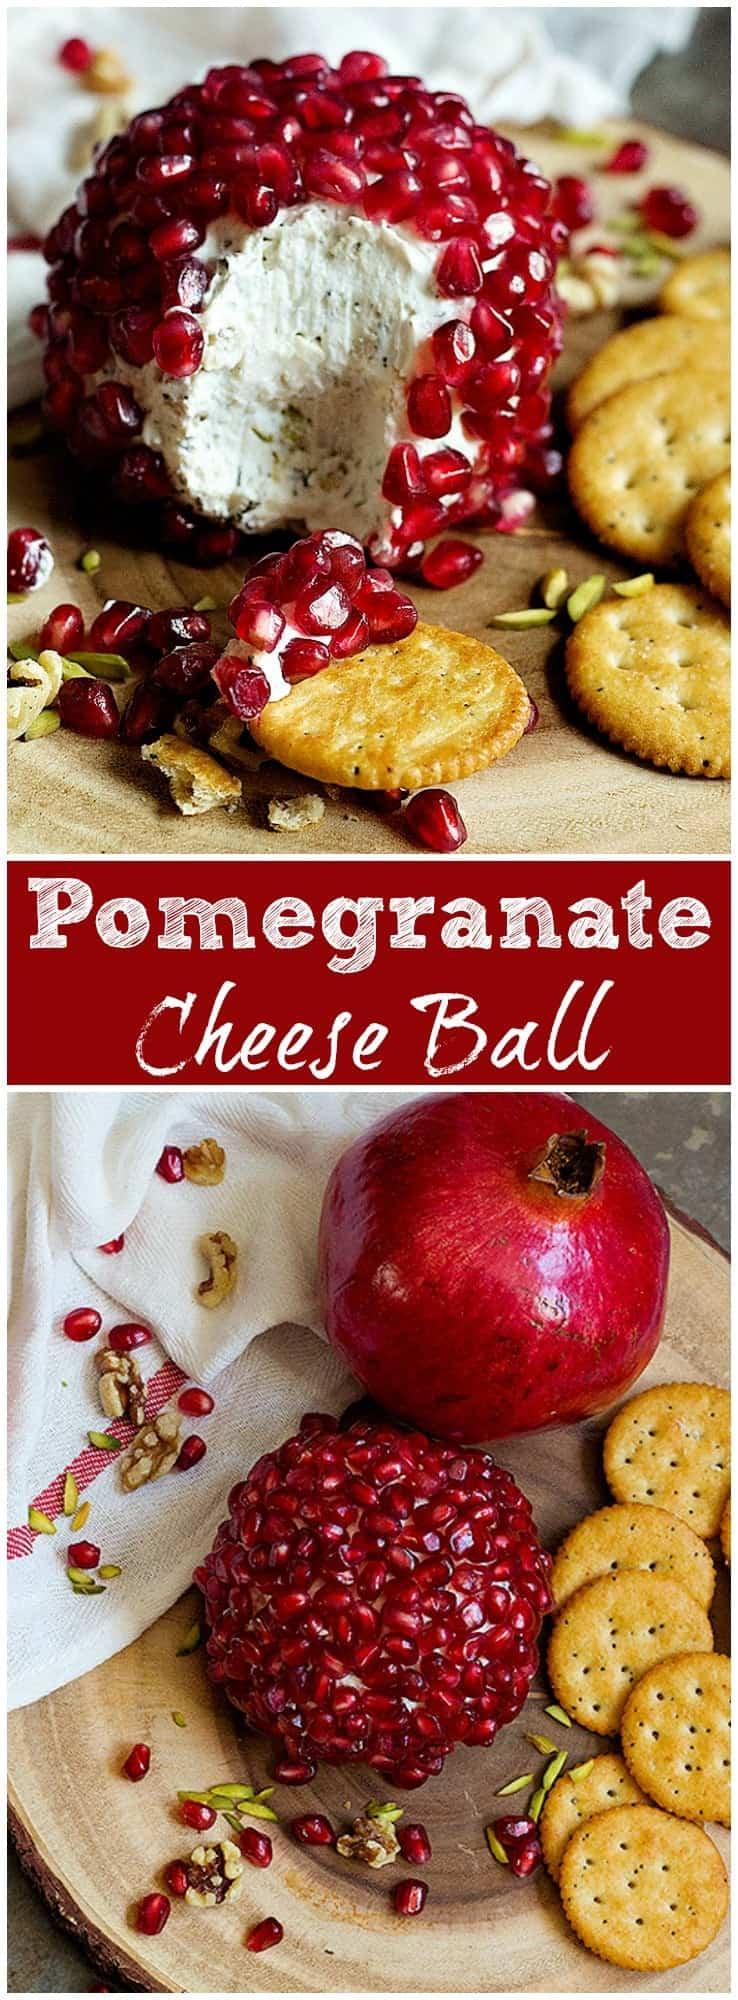 Pomegranate Cheese Ball   Pomegranate Cheese Ball Recipe   Pomegranate Cheese Ball Recipe For   Easy Pomegranate Cheese Ball   #Cheeseball #HolidayCheeseball #HolidayAppetizer